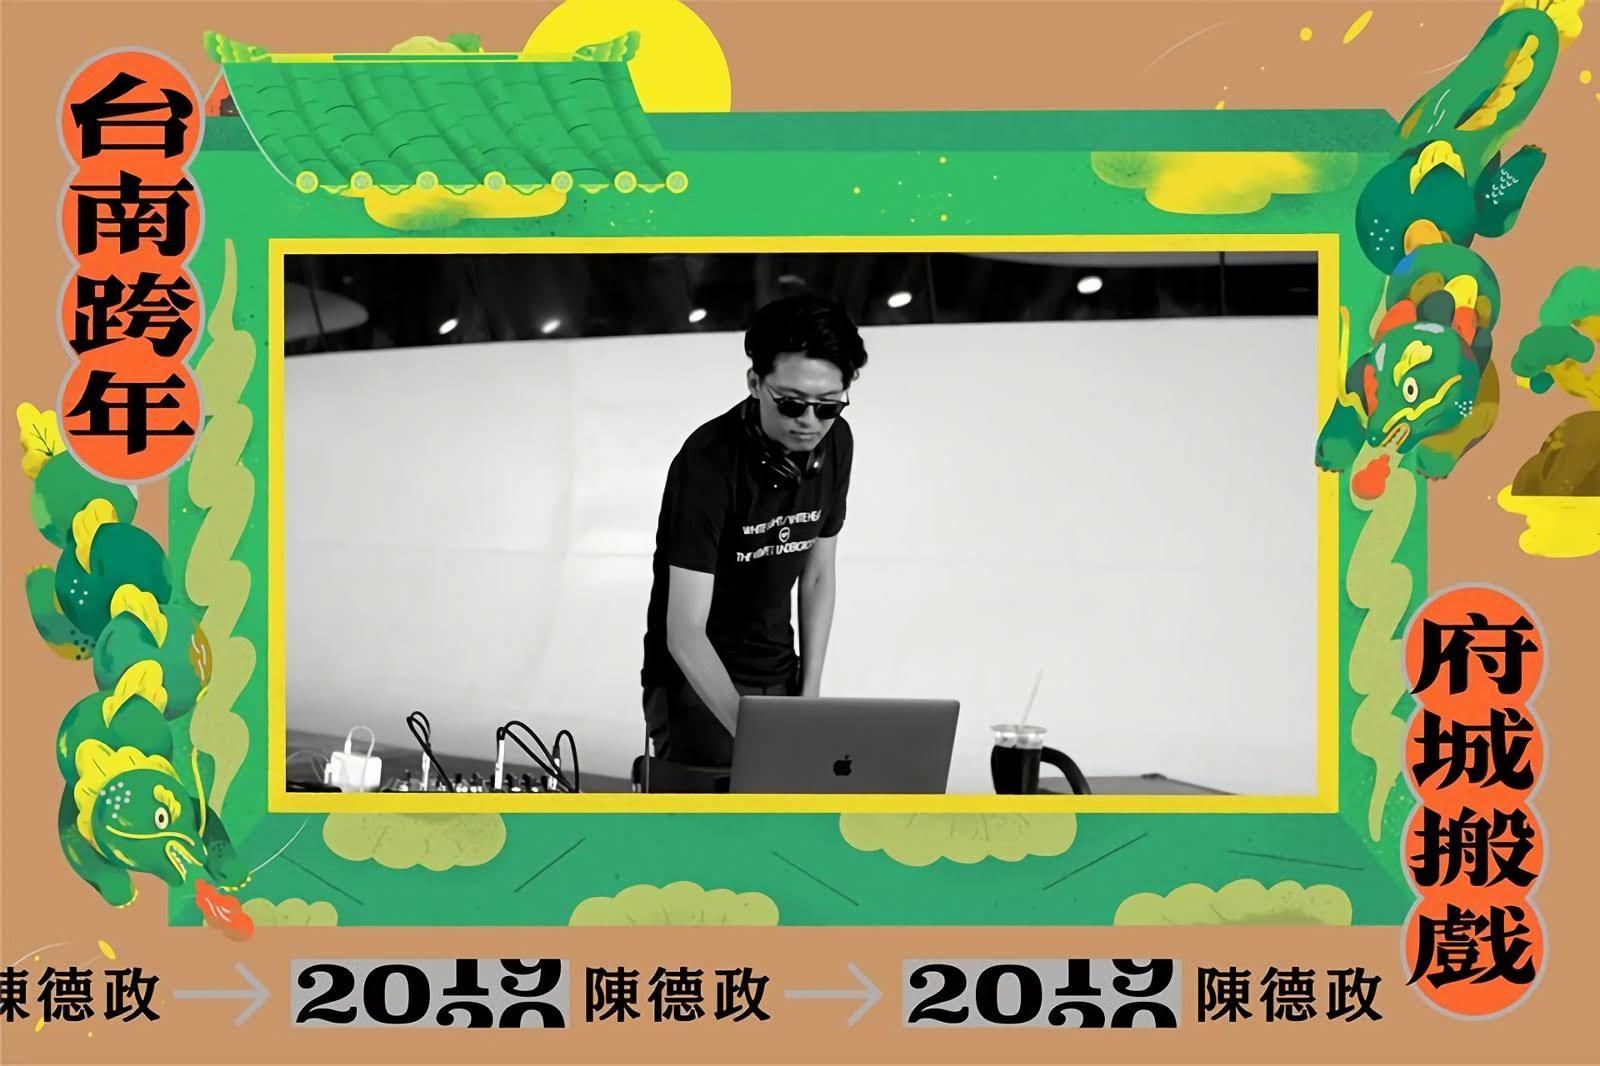 [活動] 2020沒有煙火與演唱會的台南味跨年約會|府城搬戲全攻略×交通資訊彙整